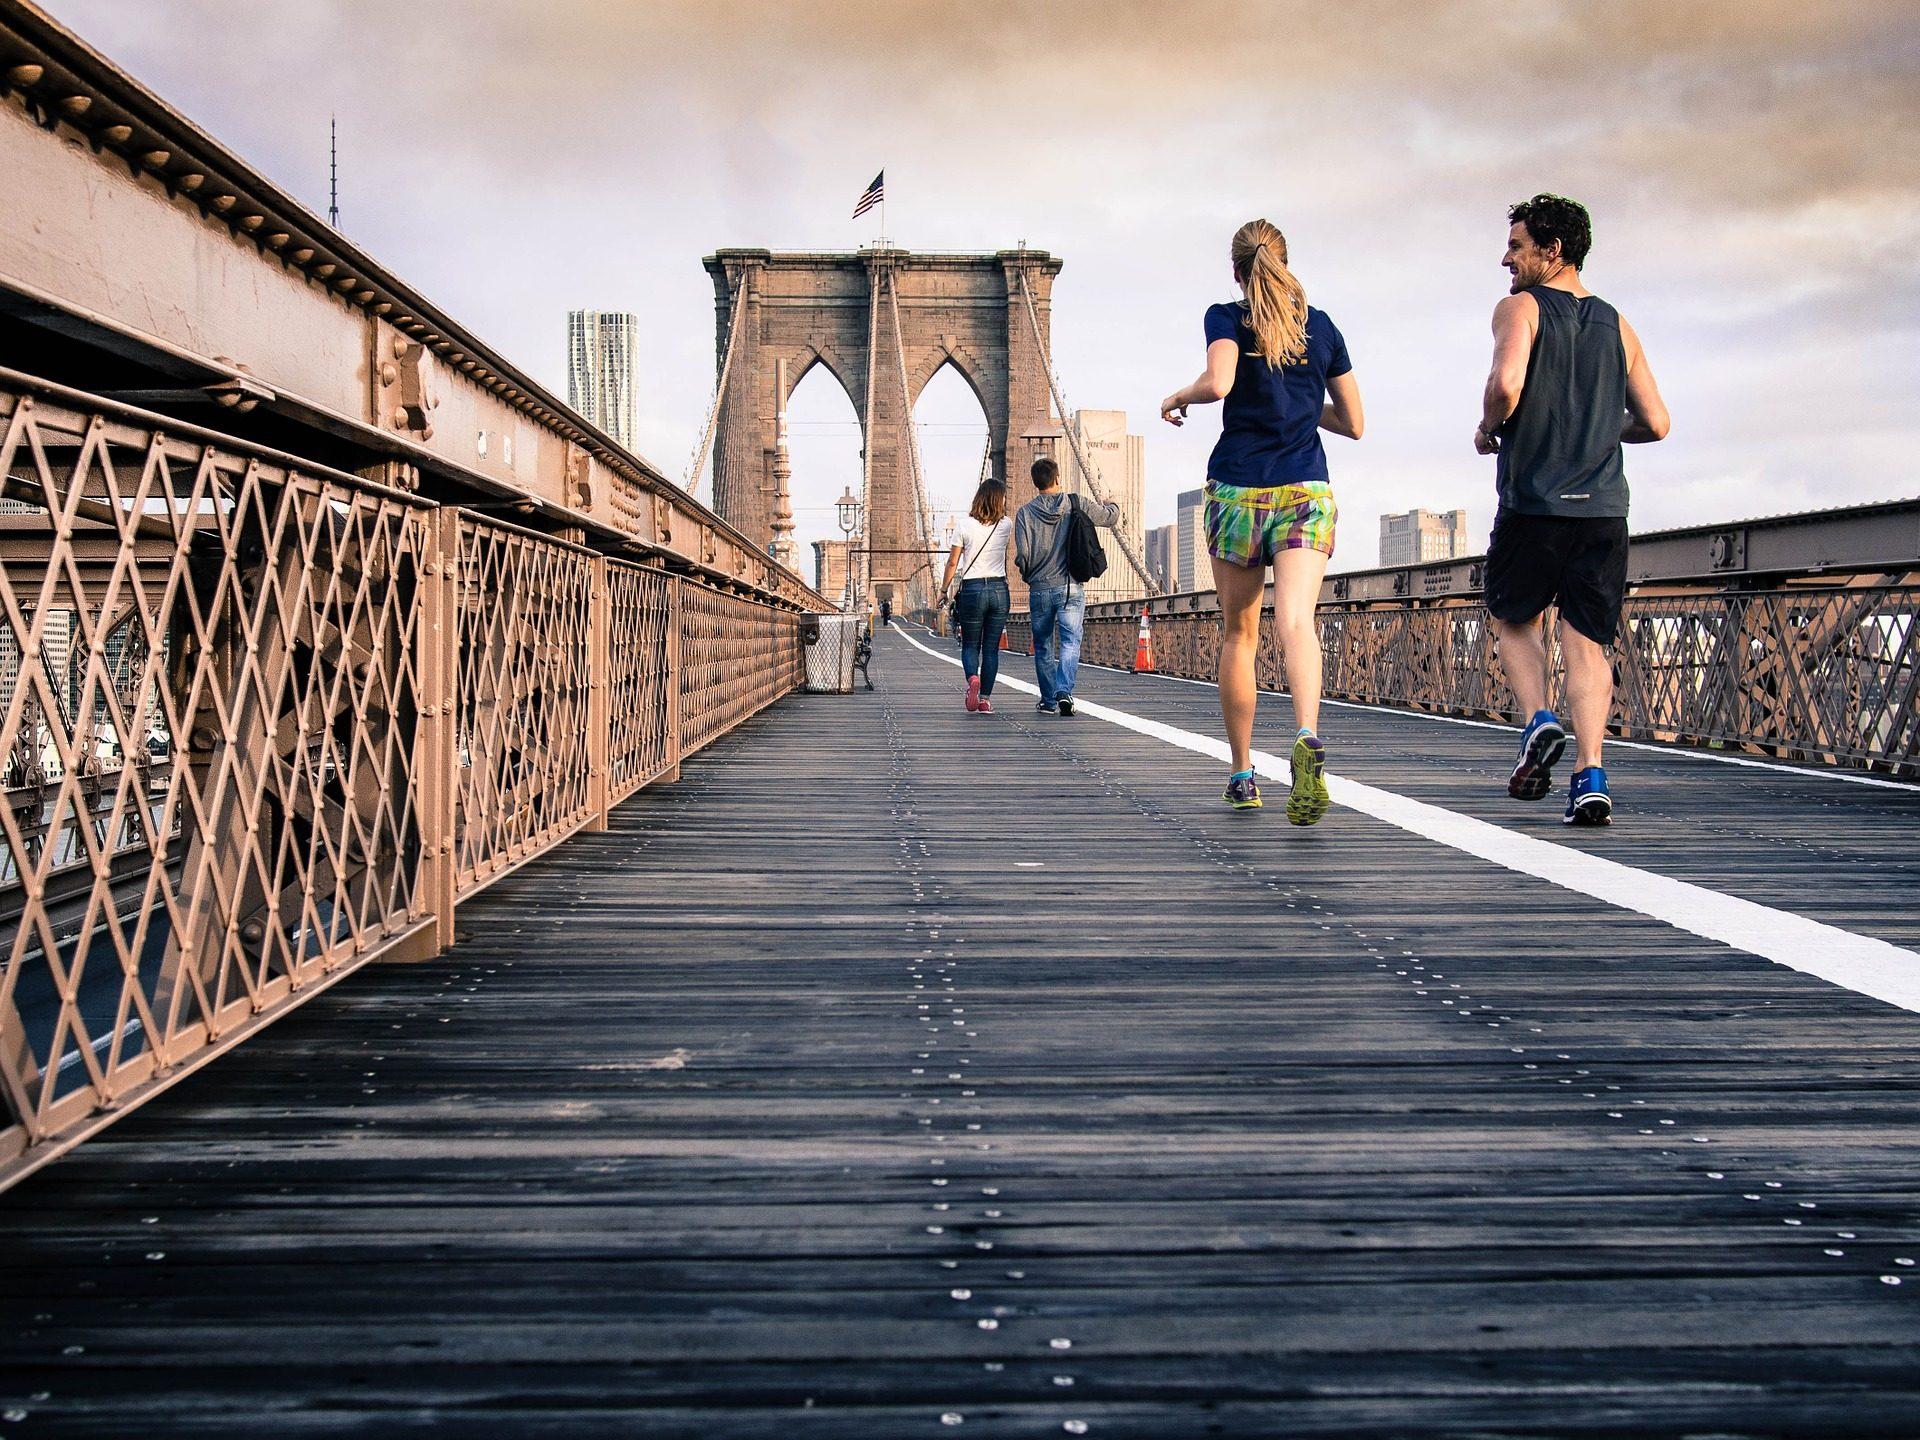 dimagrire senza attività fisica si può